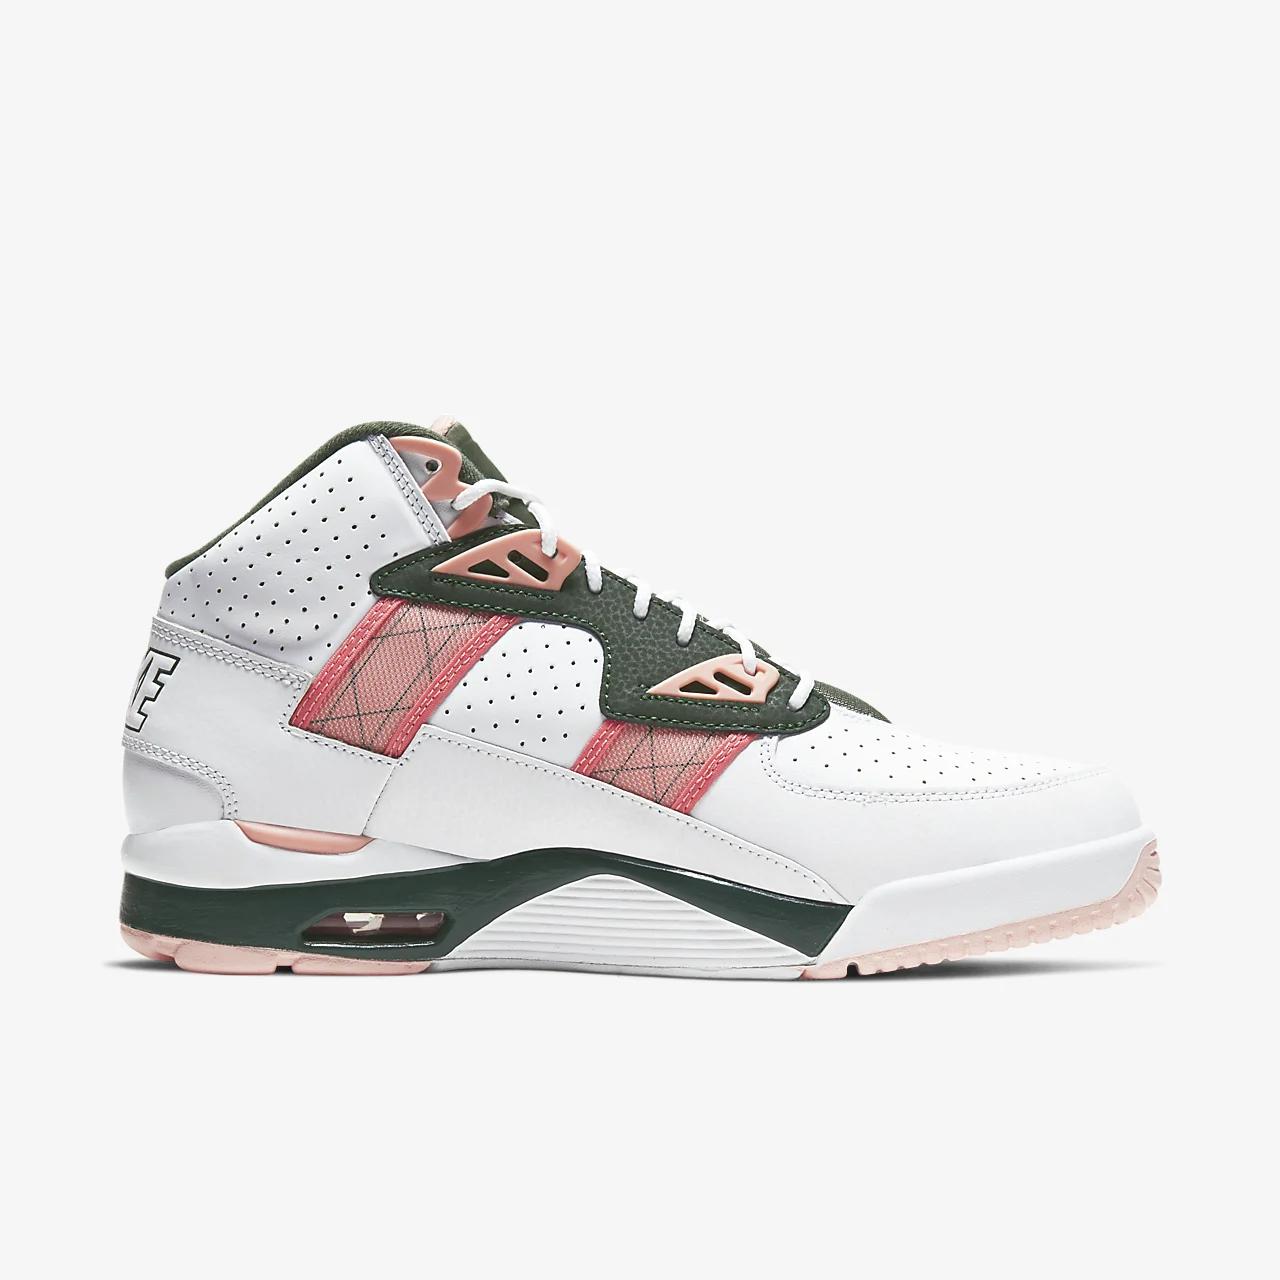 Nike Air Trainer SC High Men's Shoe CU6672-100